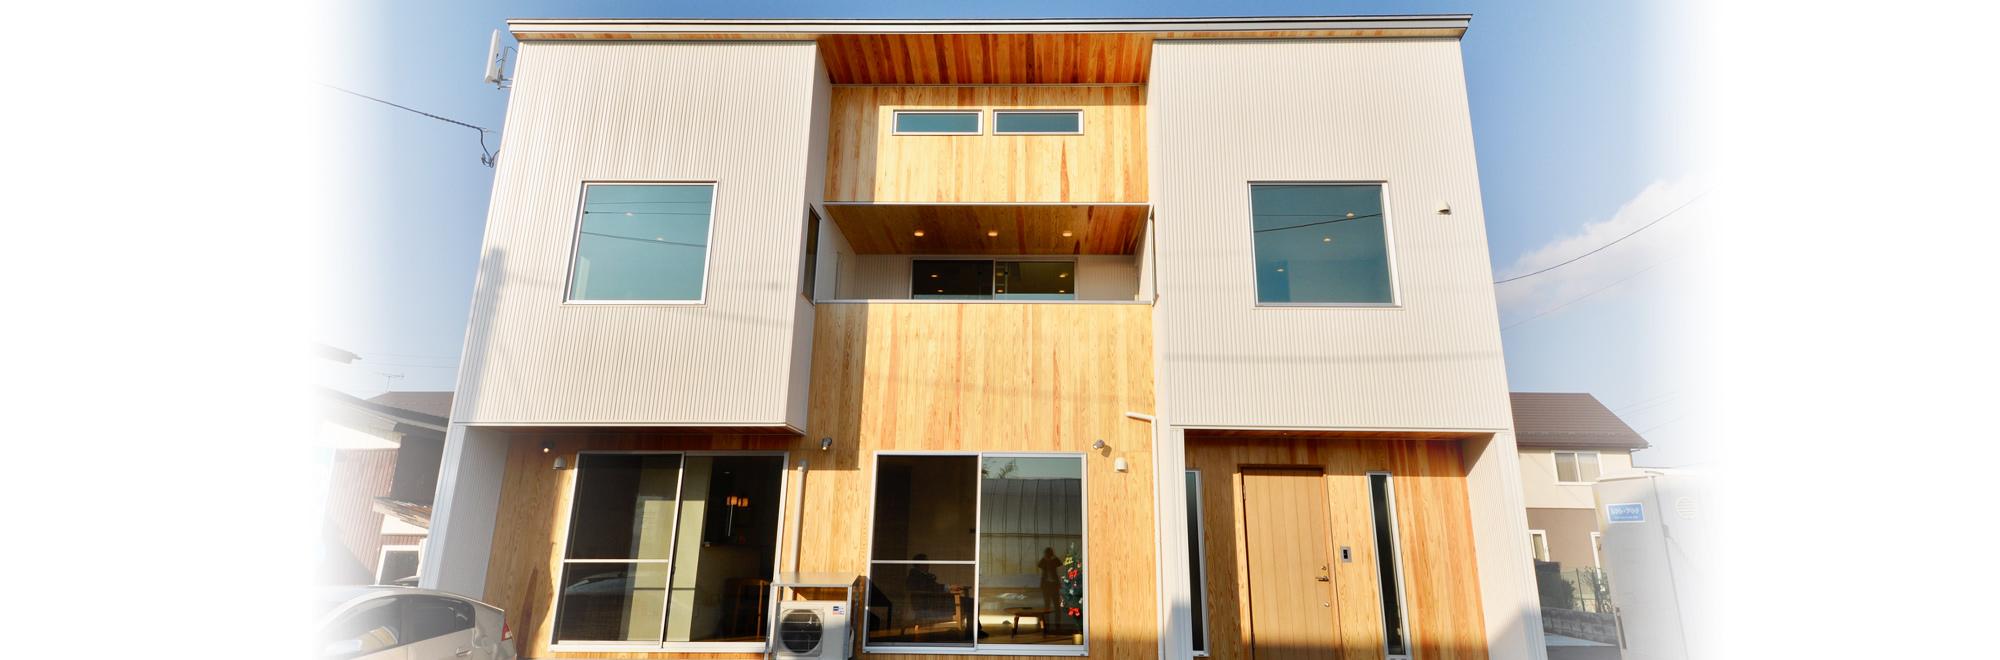 秋田 新築 住宅会社 北久ホーム